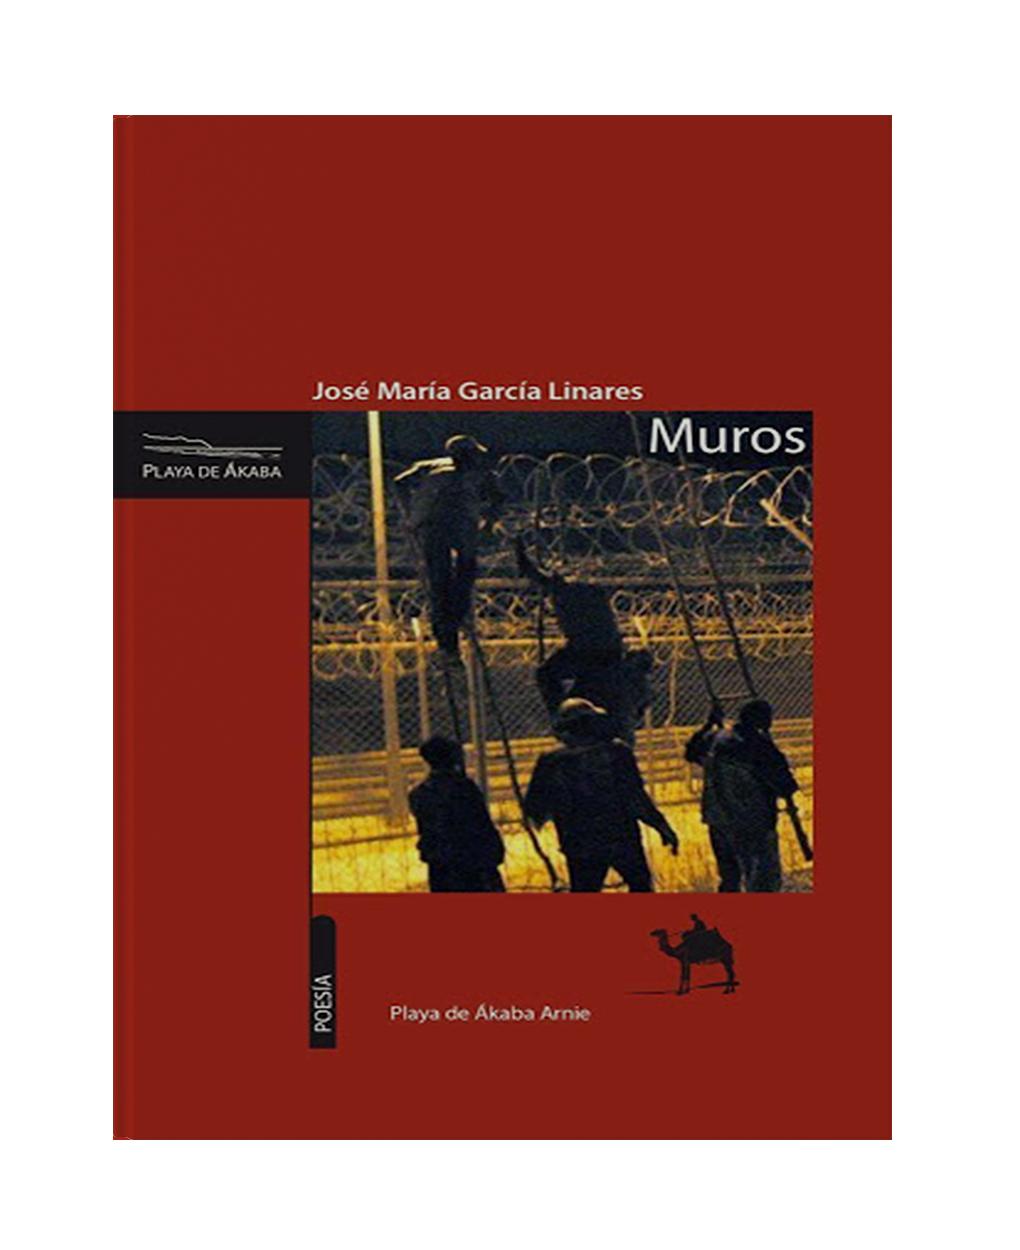 Entrevista al poeta José María García Linares #mundoliterario